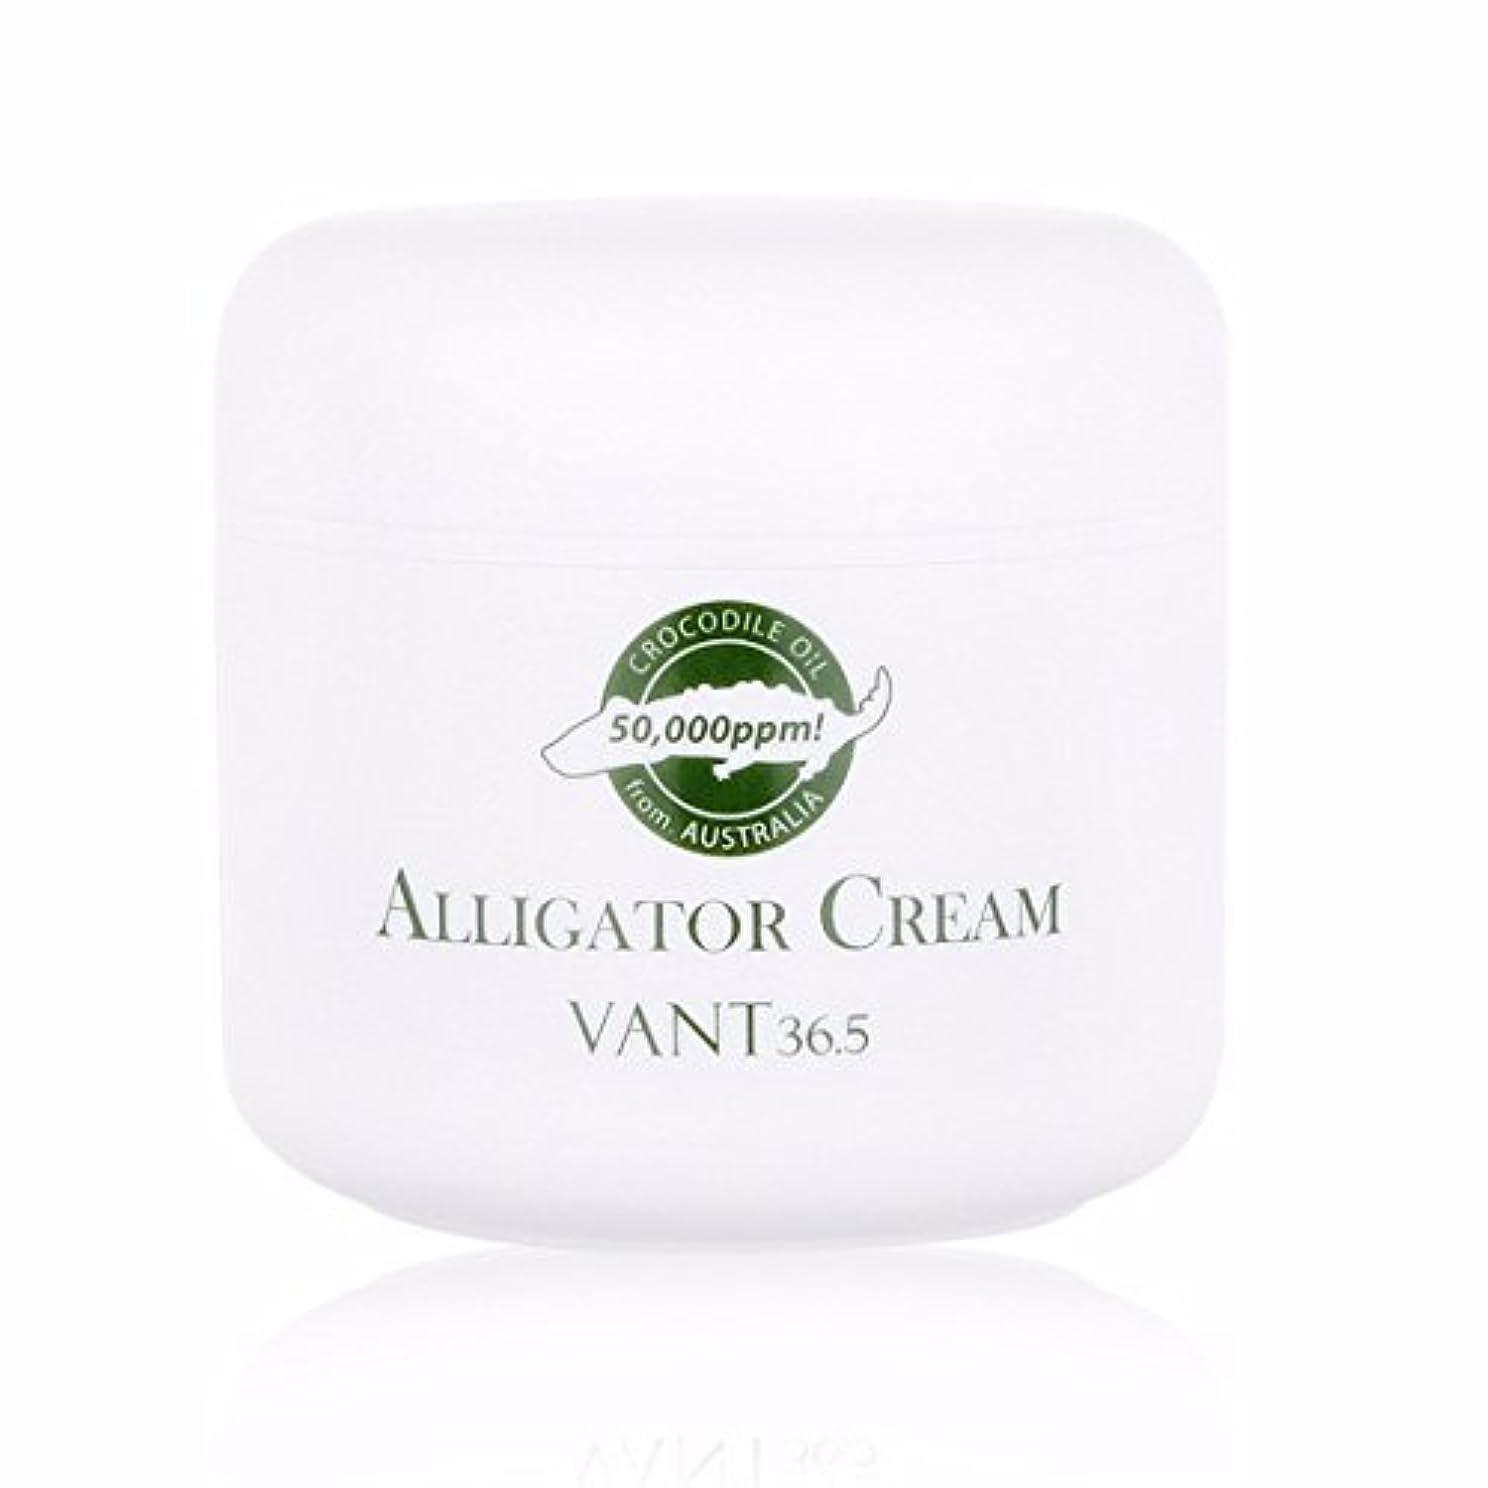 アベニュー広まった幸運バント36.5 ワニクリーム50ml[並行輸入品] / VANT 36.5 Alligator Cream 50ml (1.69fl.oz.) for Nourishing, Moisturizing cream